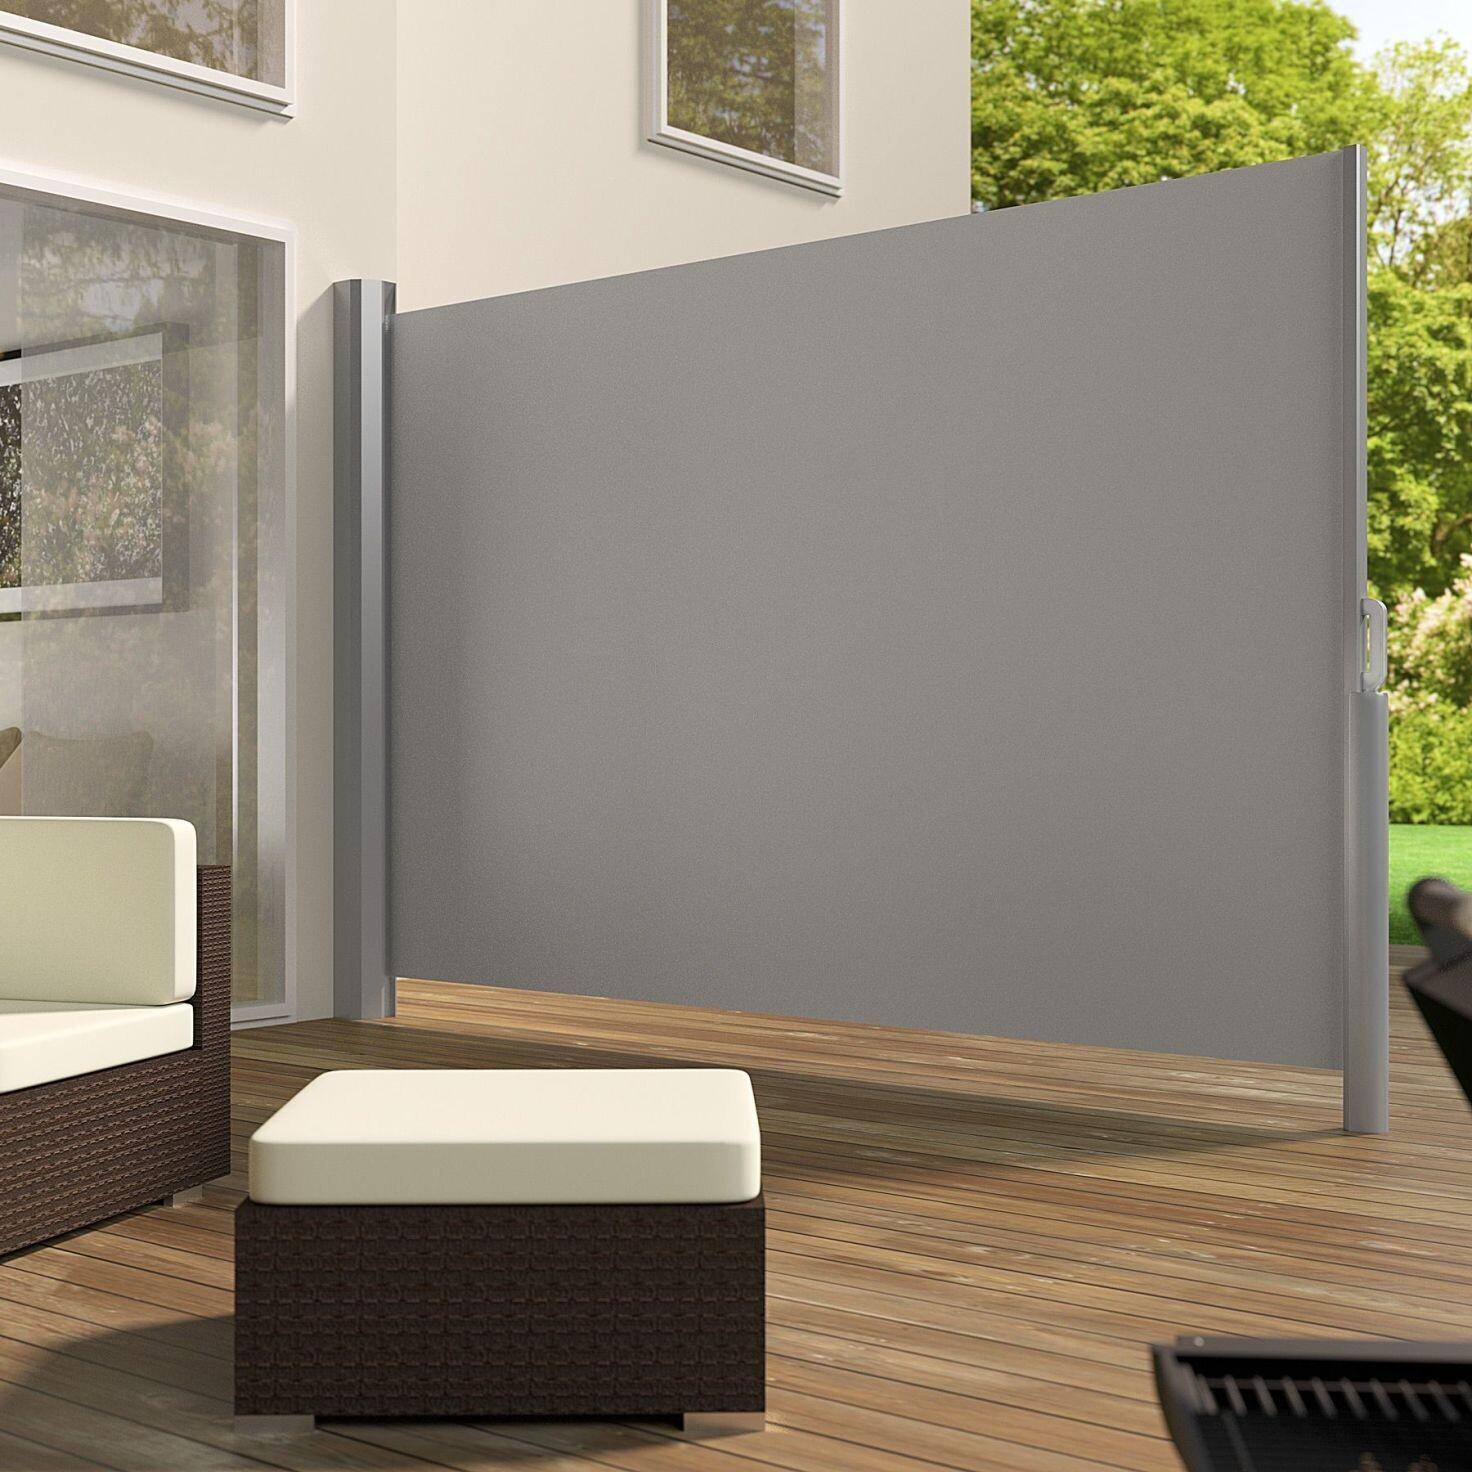 Tenda - Markiza iz aluminija sive barve v 160 cm  (v180, v 200) x d 300 cm